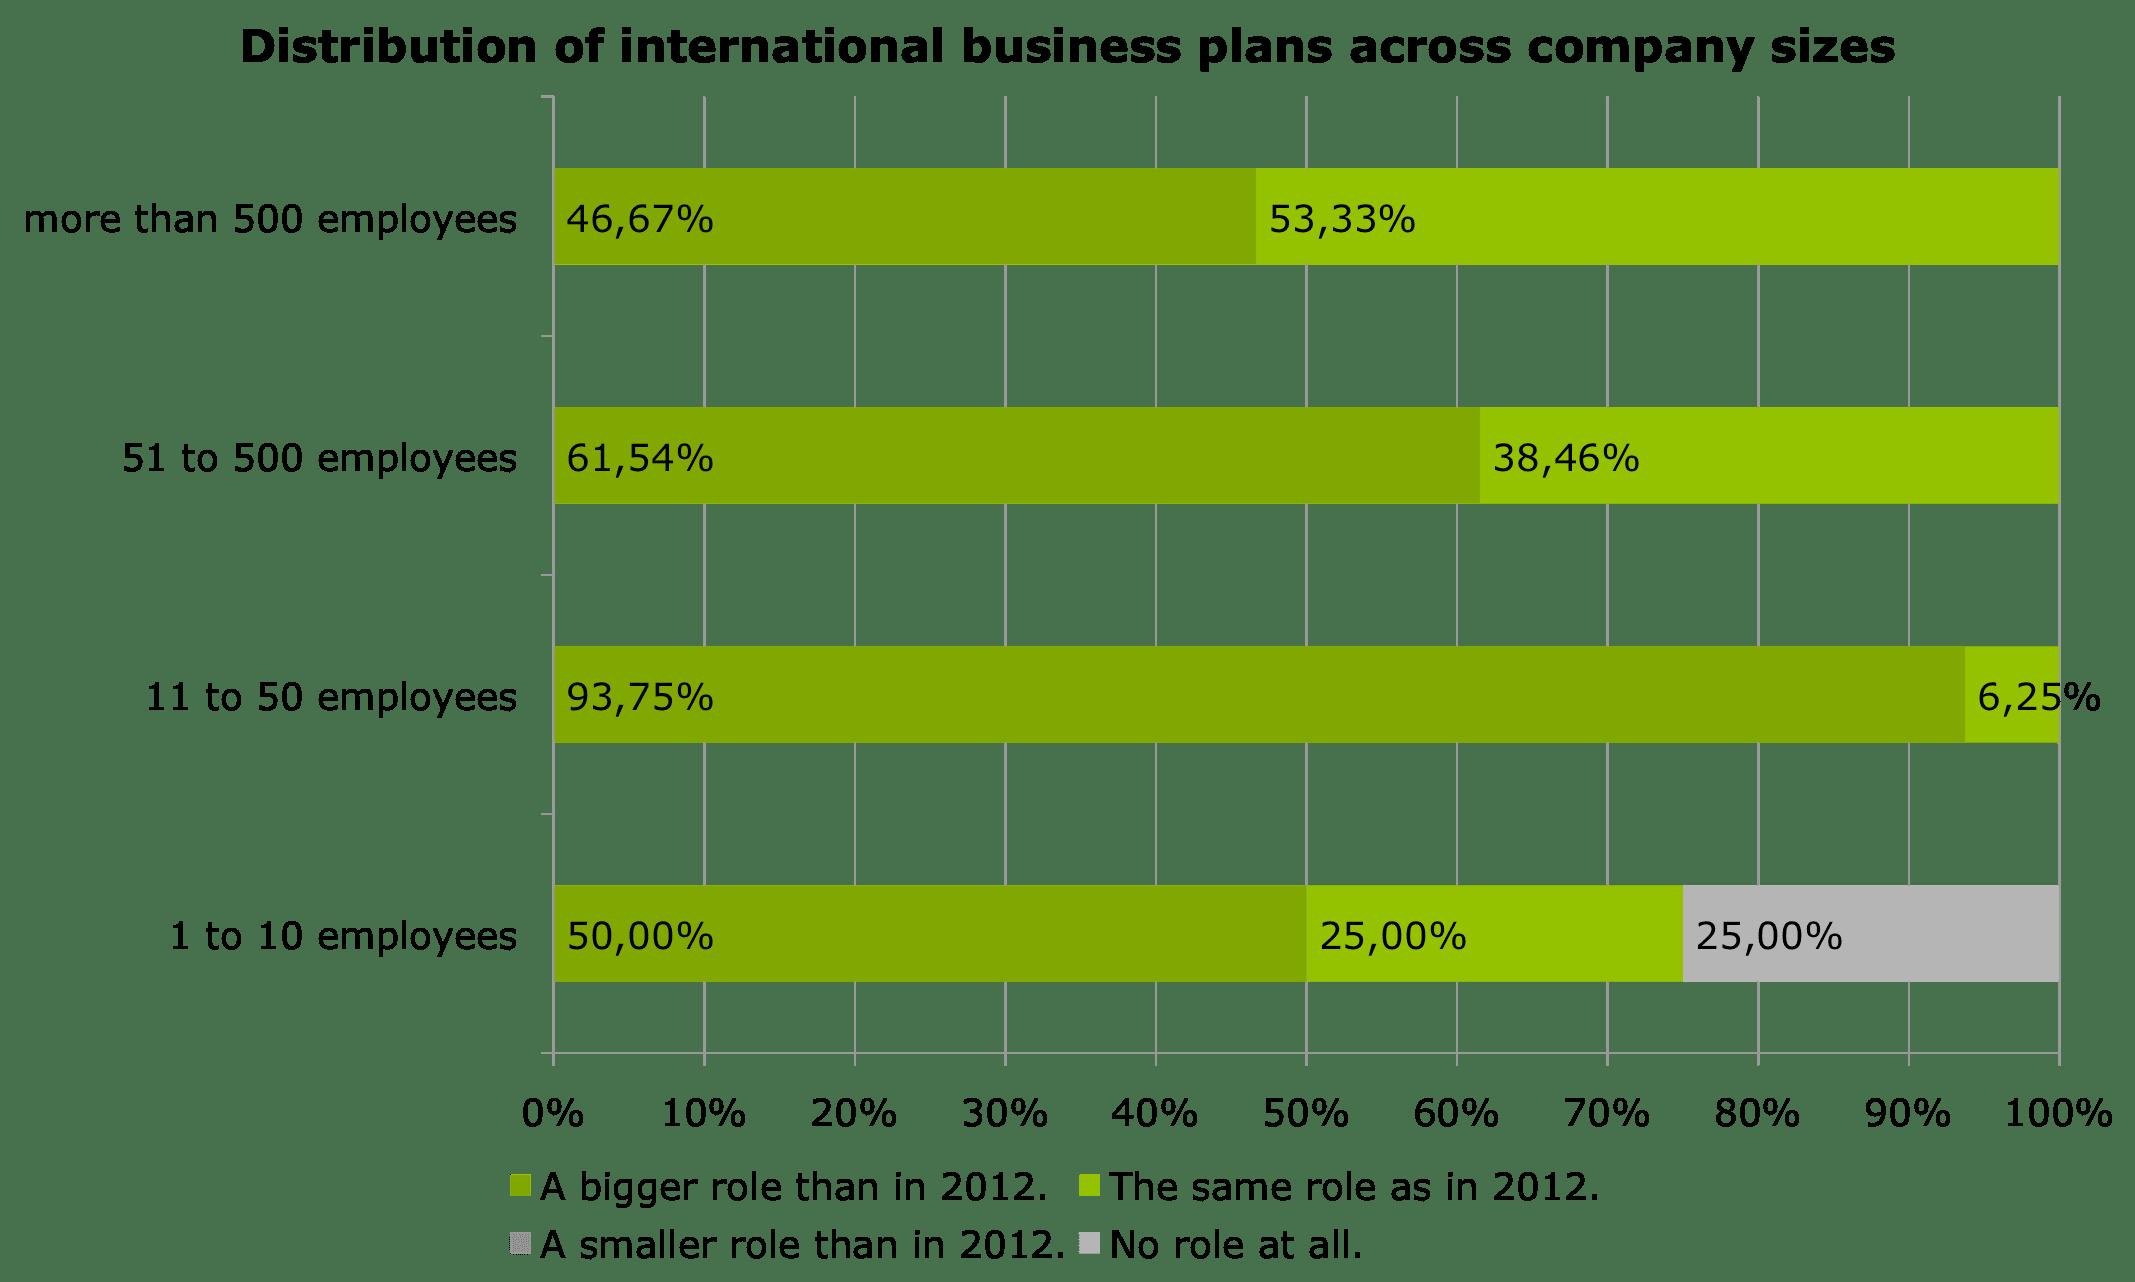 Verteilung internationaler Geschäftspläne für 2013 über Unternehmensgrößen